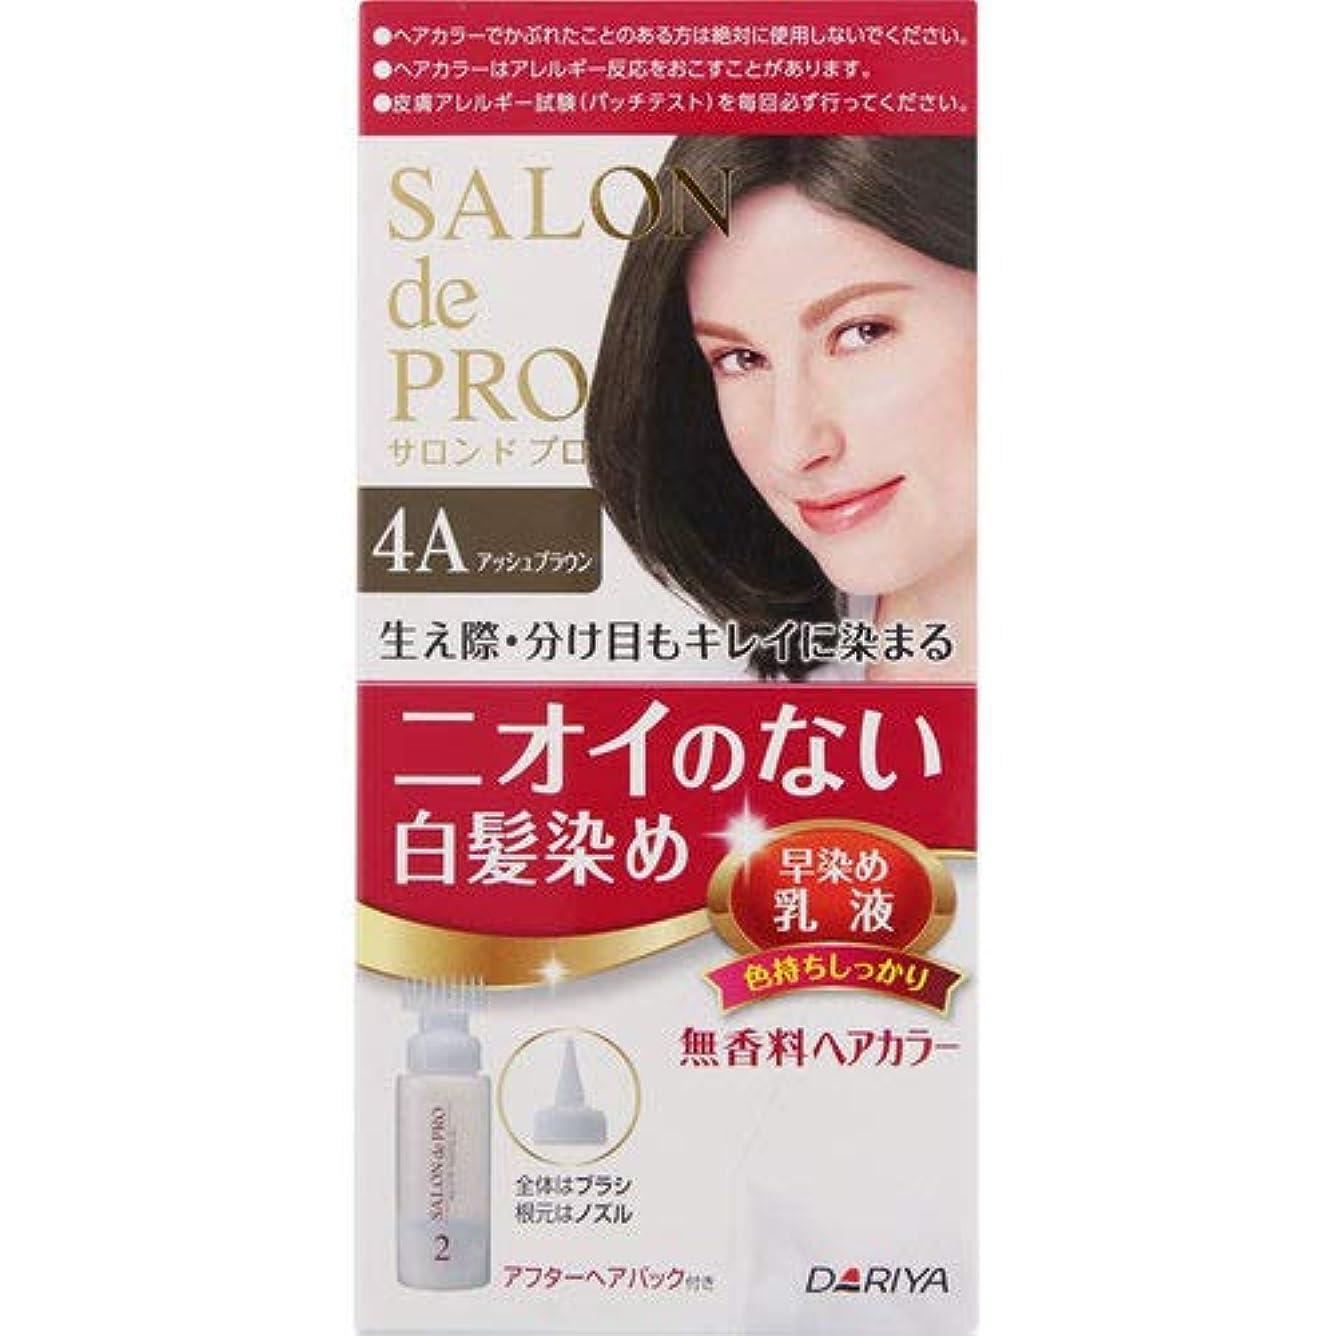 平衡印象恩恵サロンドプロ無香料ヘアカラー早染め乳液4A(アッシュブラウン)